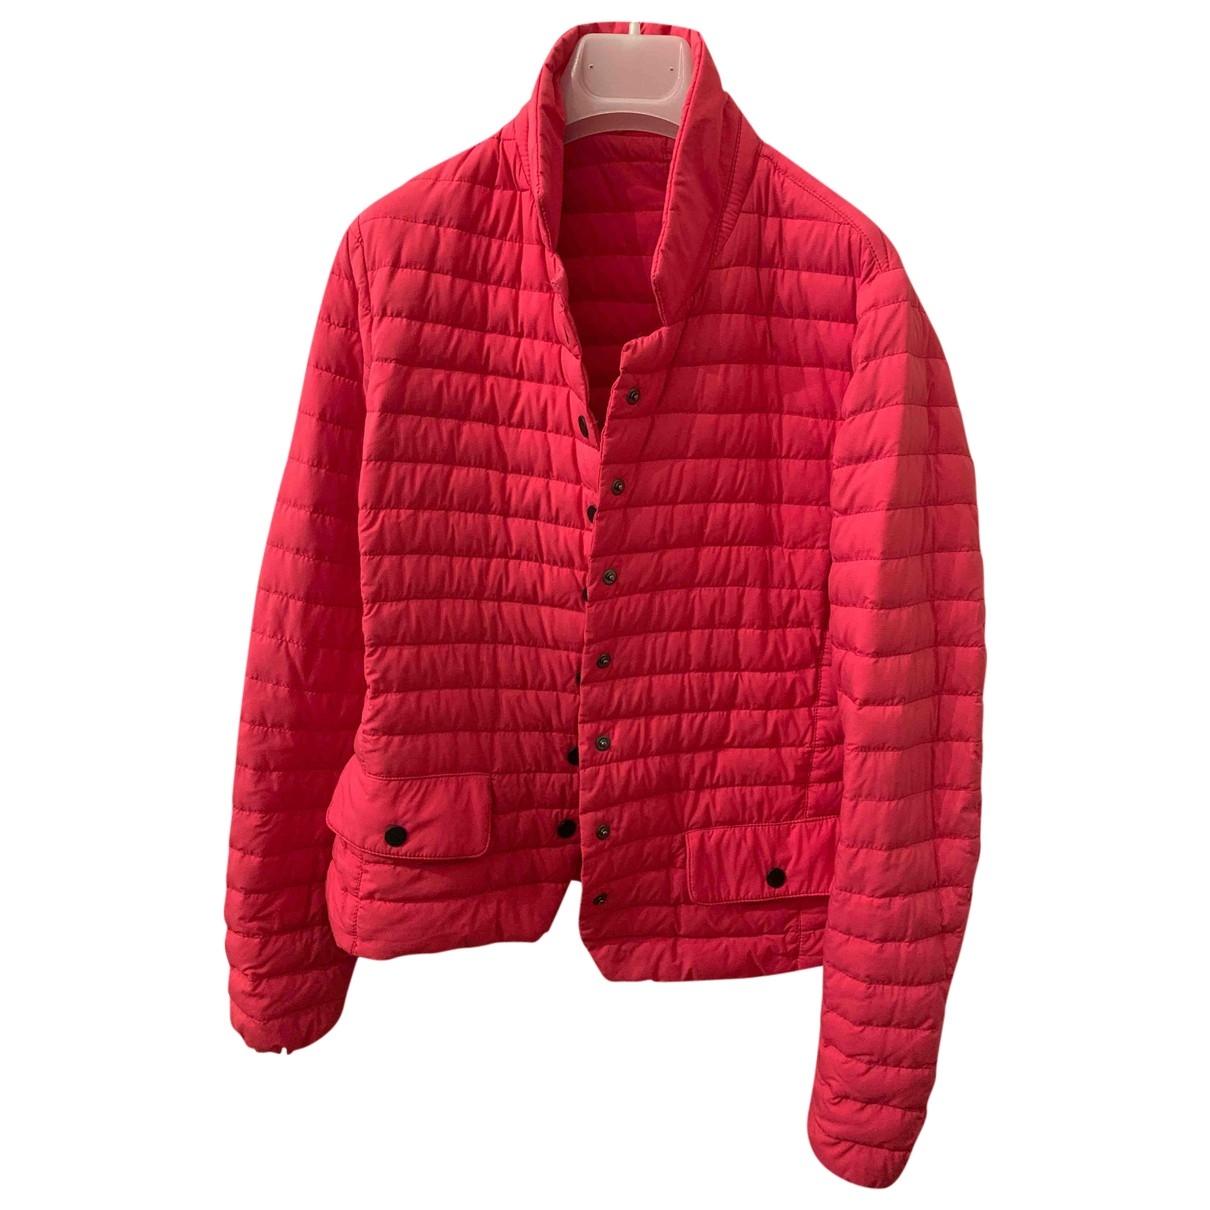 Duvetica \N Pink jacket for Women 42 IT